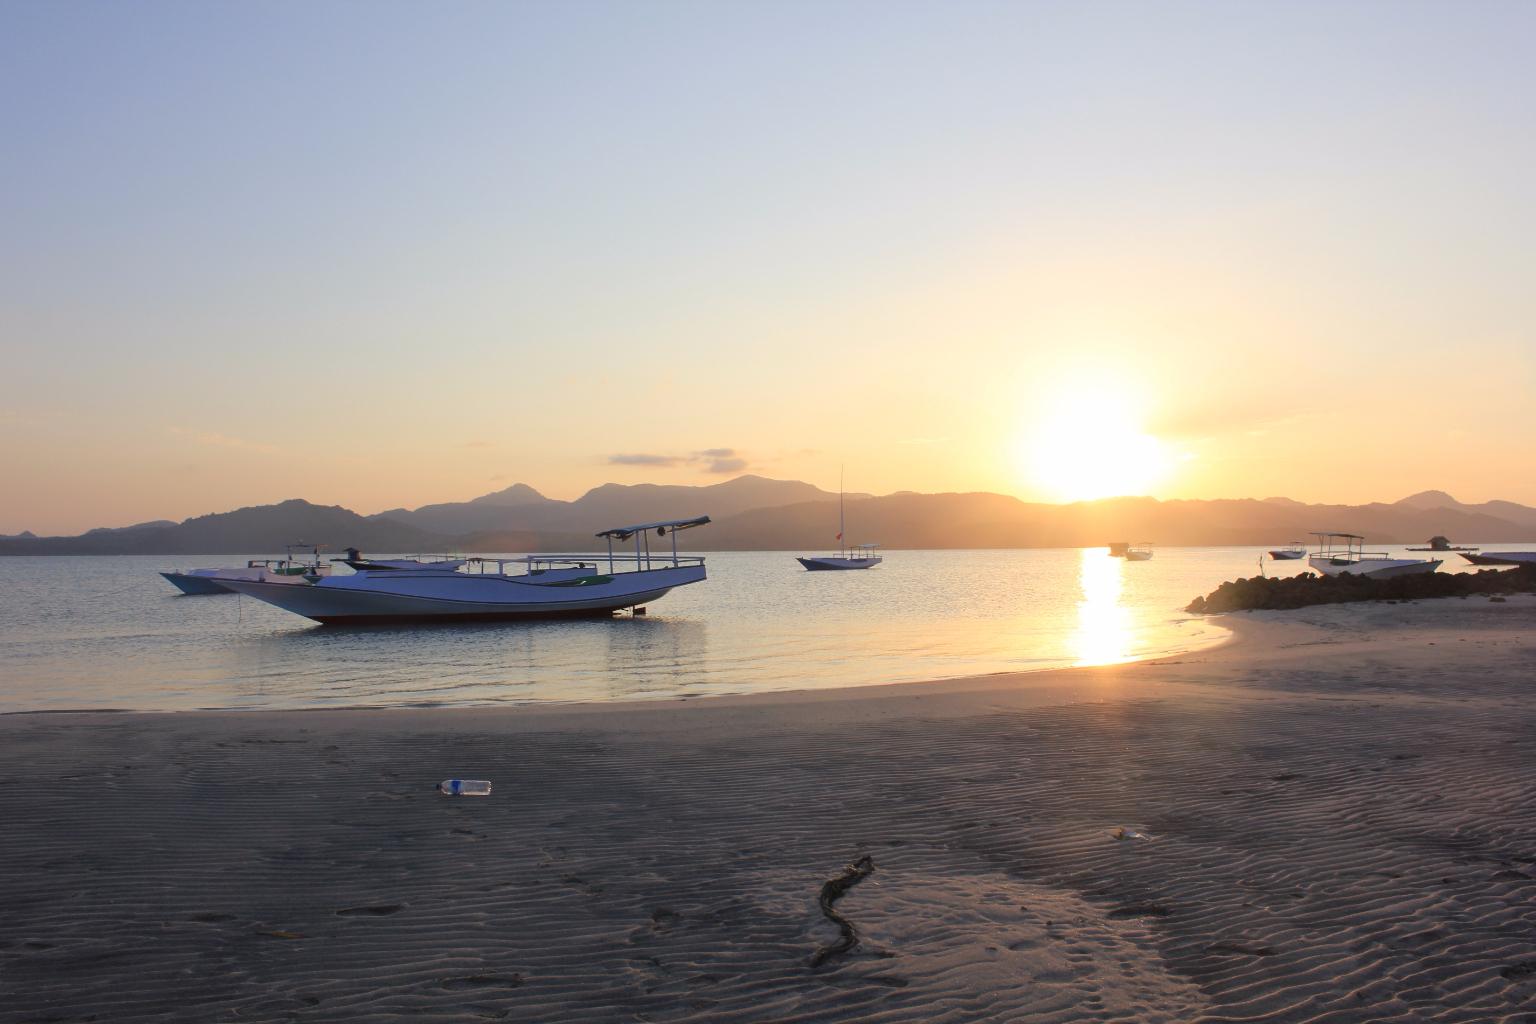 7 Pantai Terbaik Pulau Bawean Rusabawean Senja Gili Timur Menakjubkan